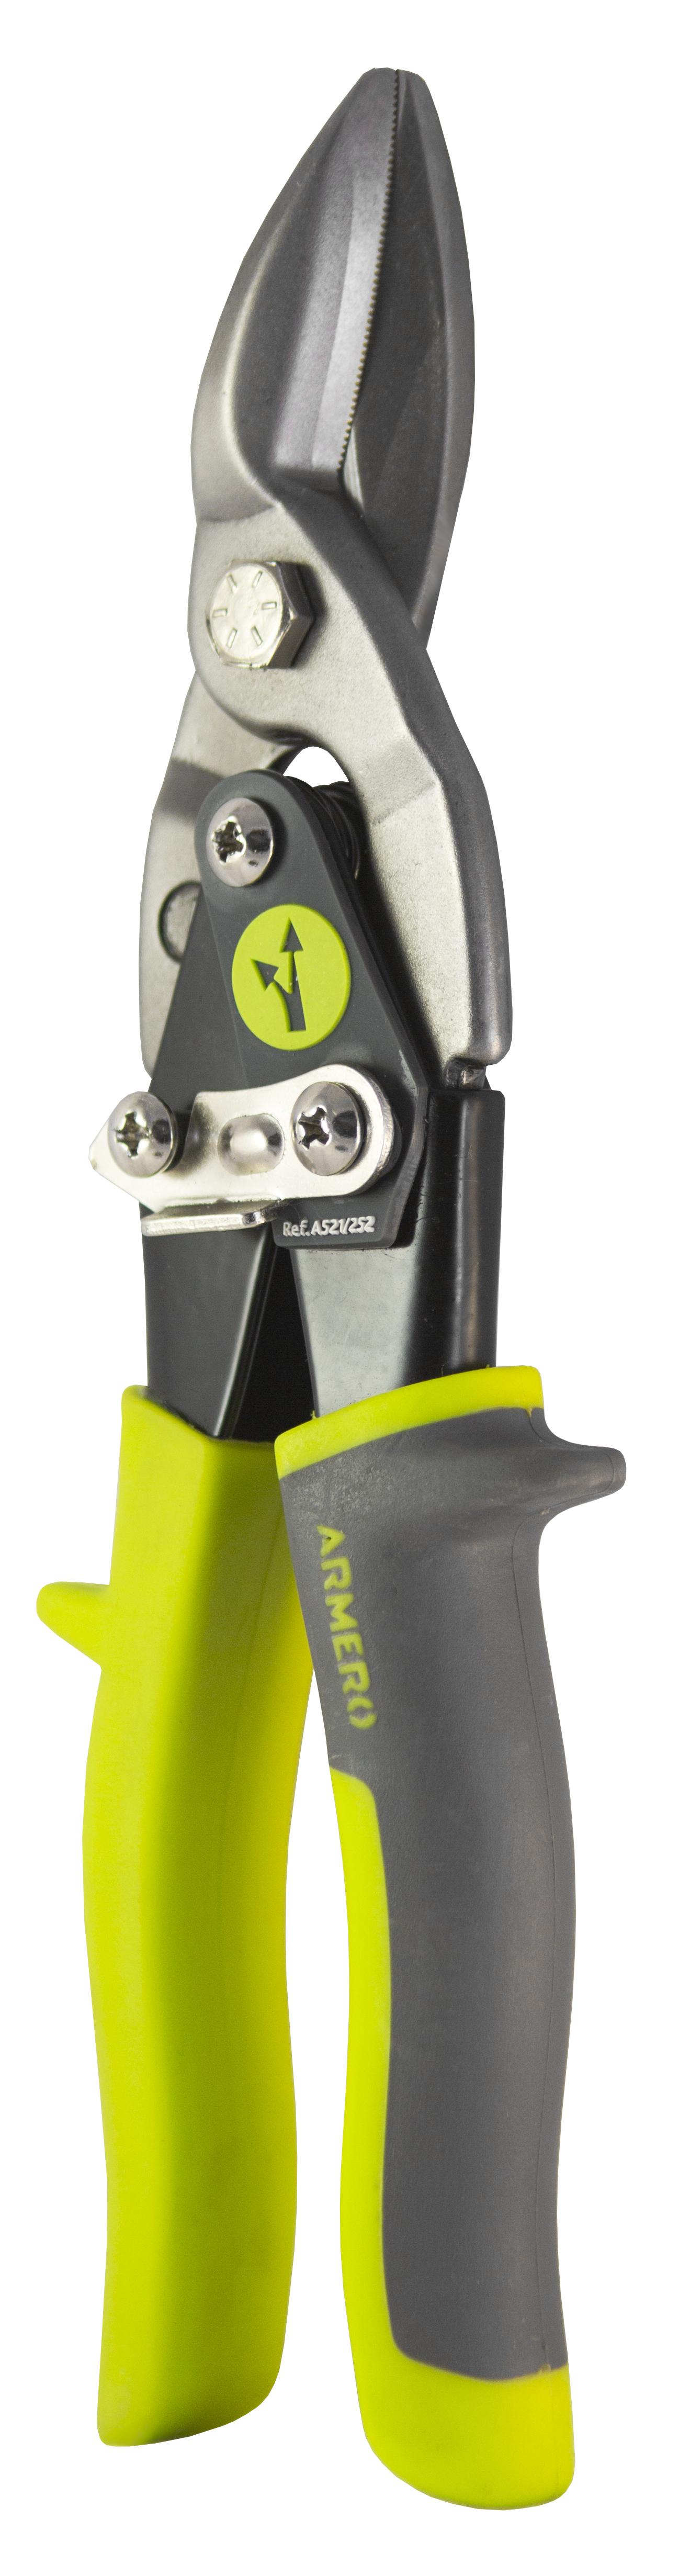 Ножницы по металлу Armero A521-252